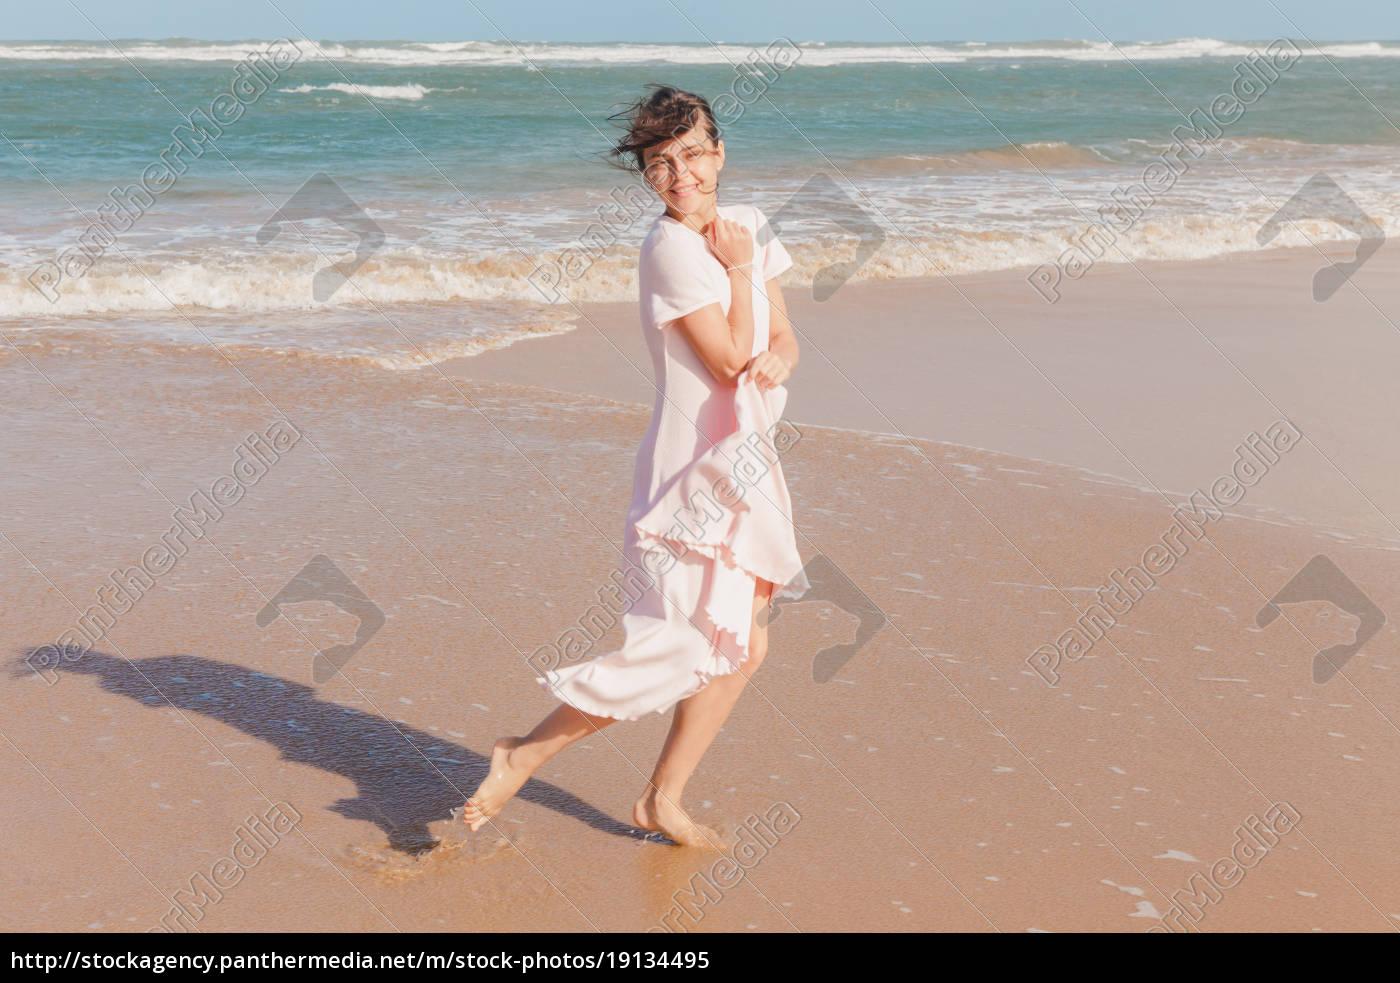 woman, legs, walking, on, the, beach - 19134495